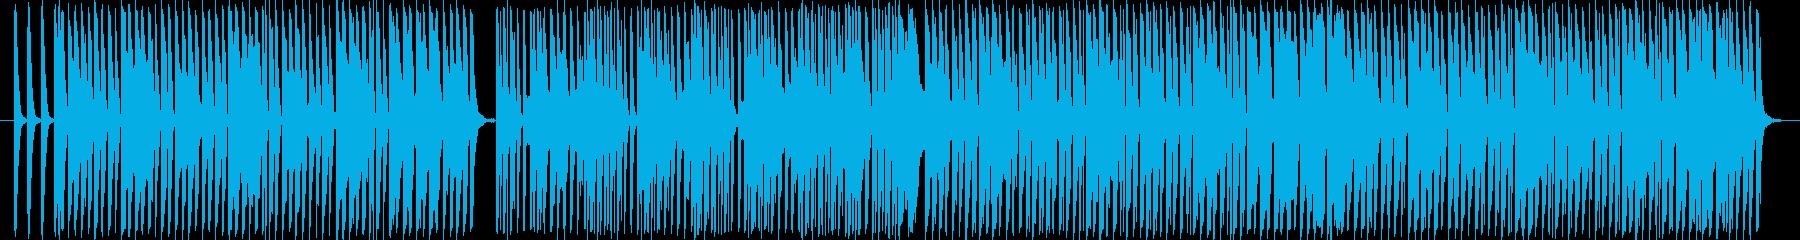 ピコピコリズム・バラエティ番組BGMの再生済みの波形